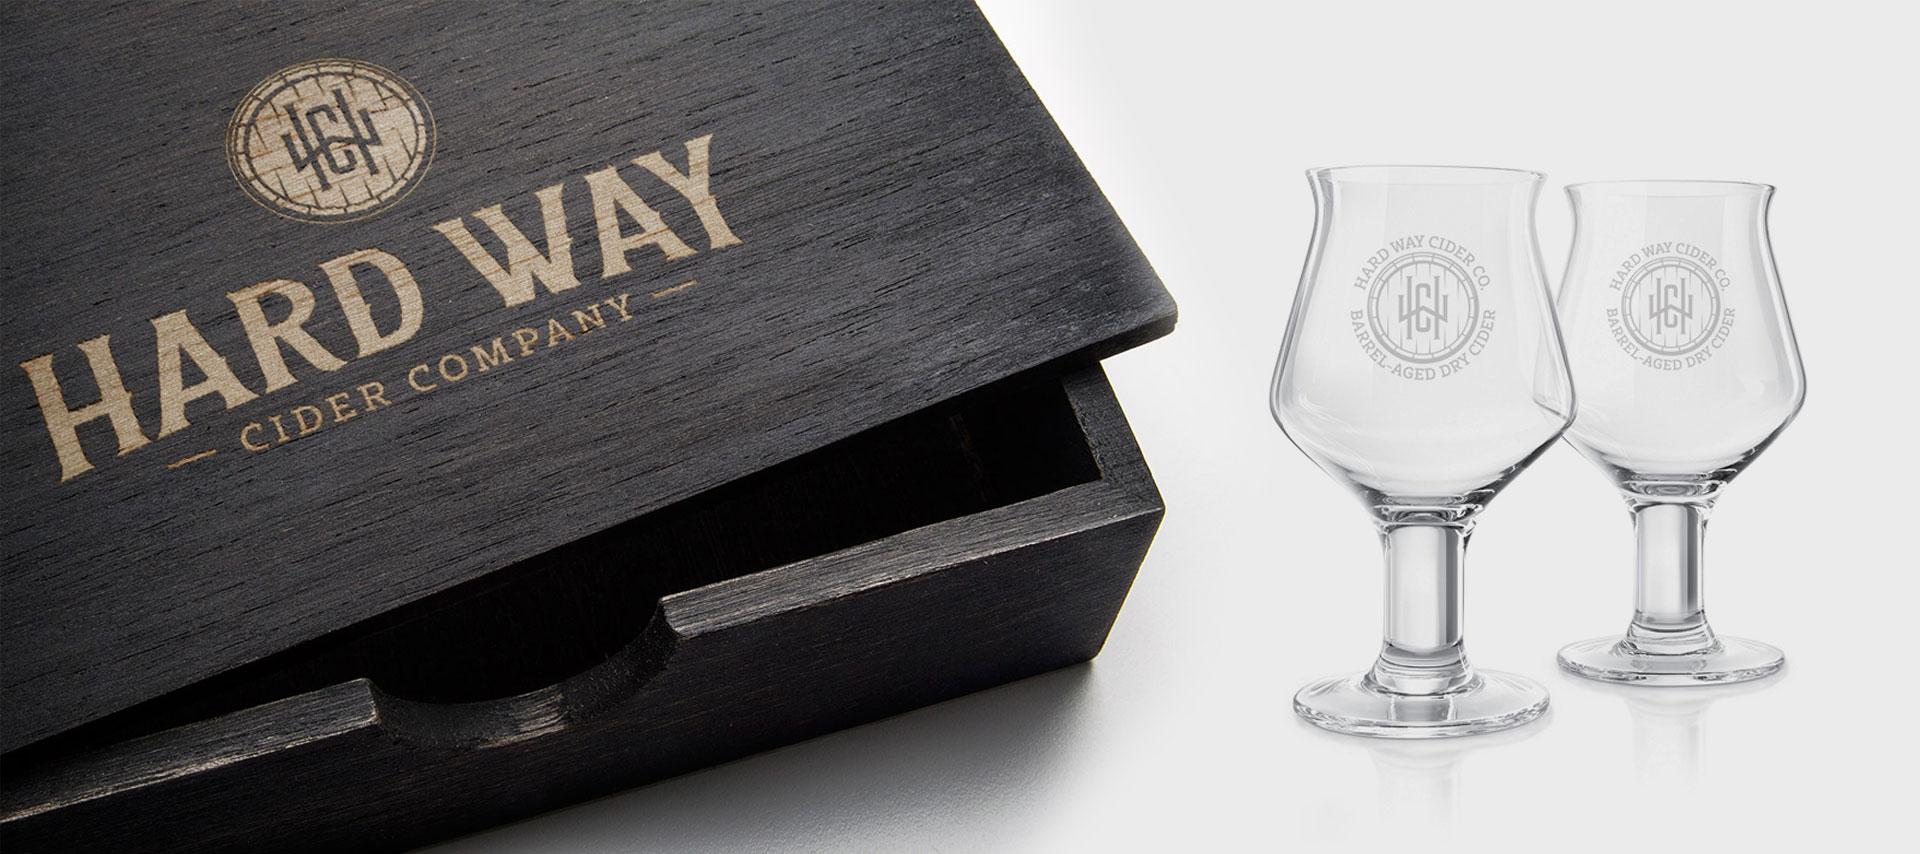 hwc-box-glassware